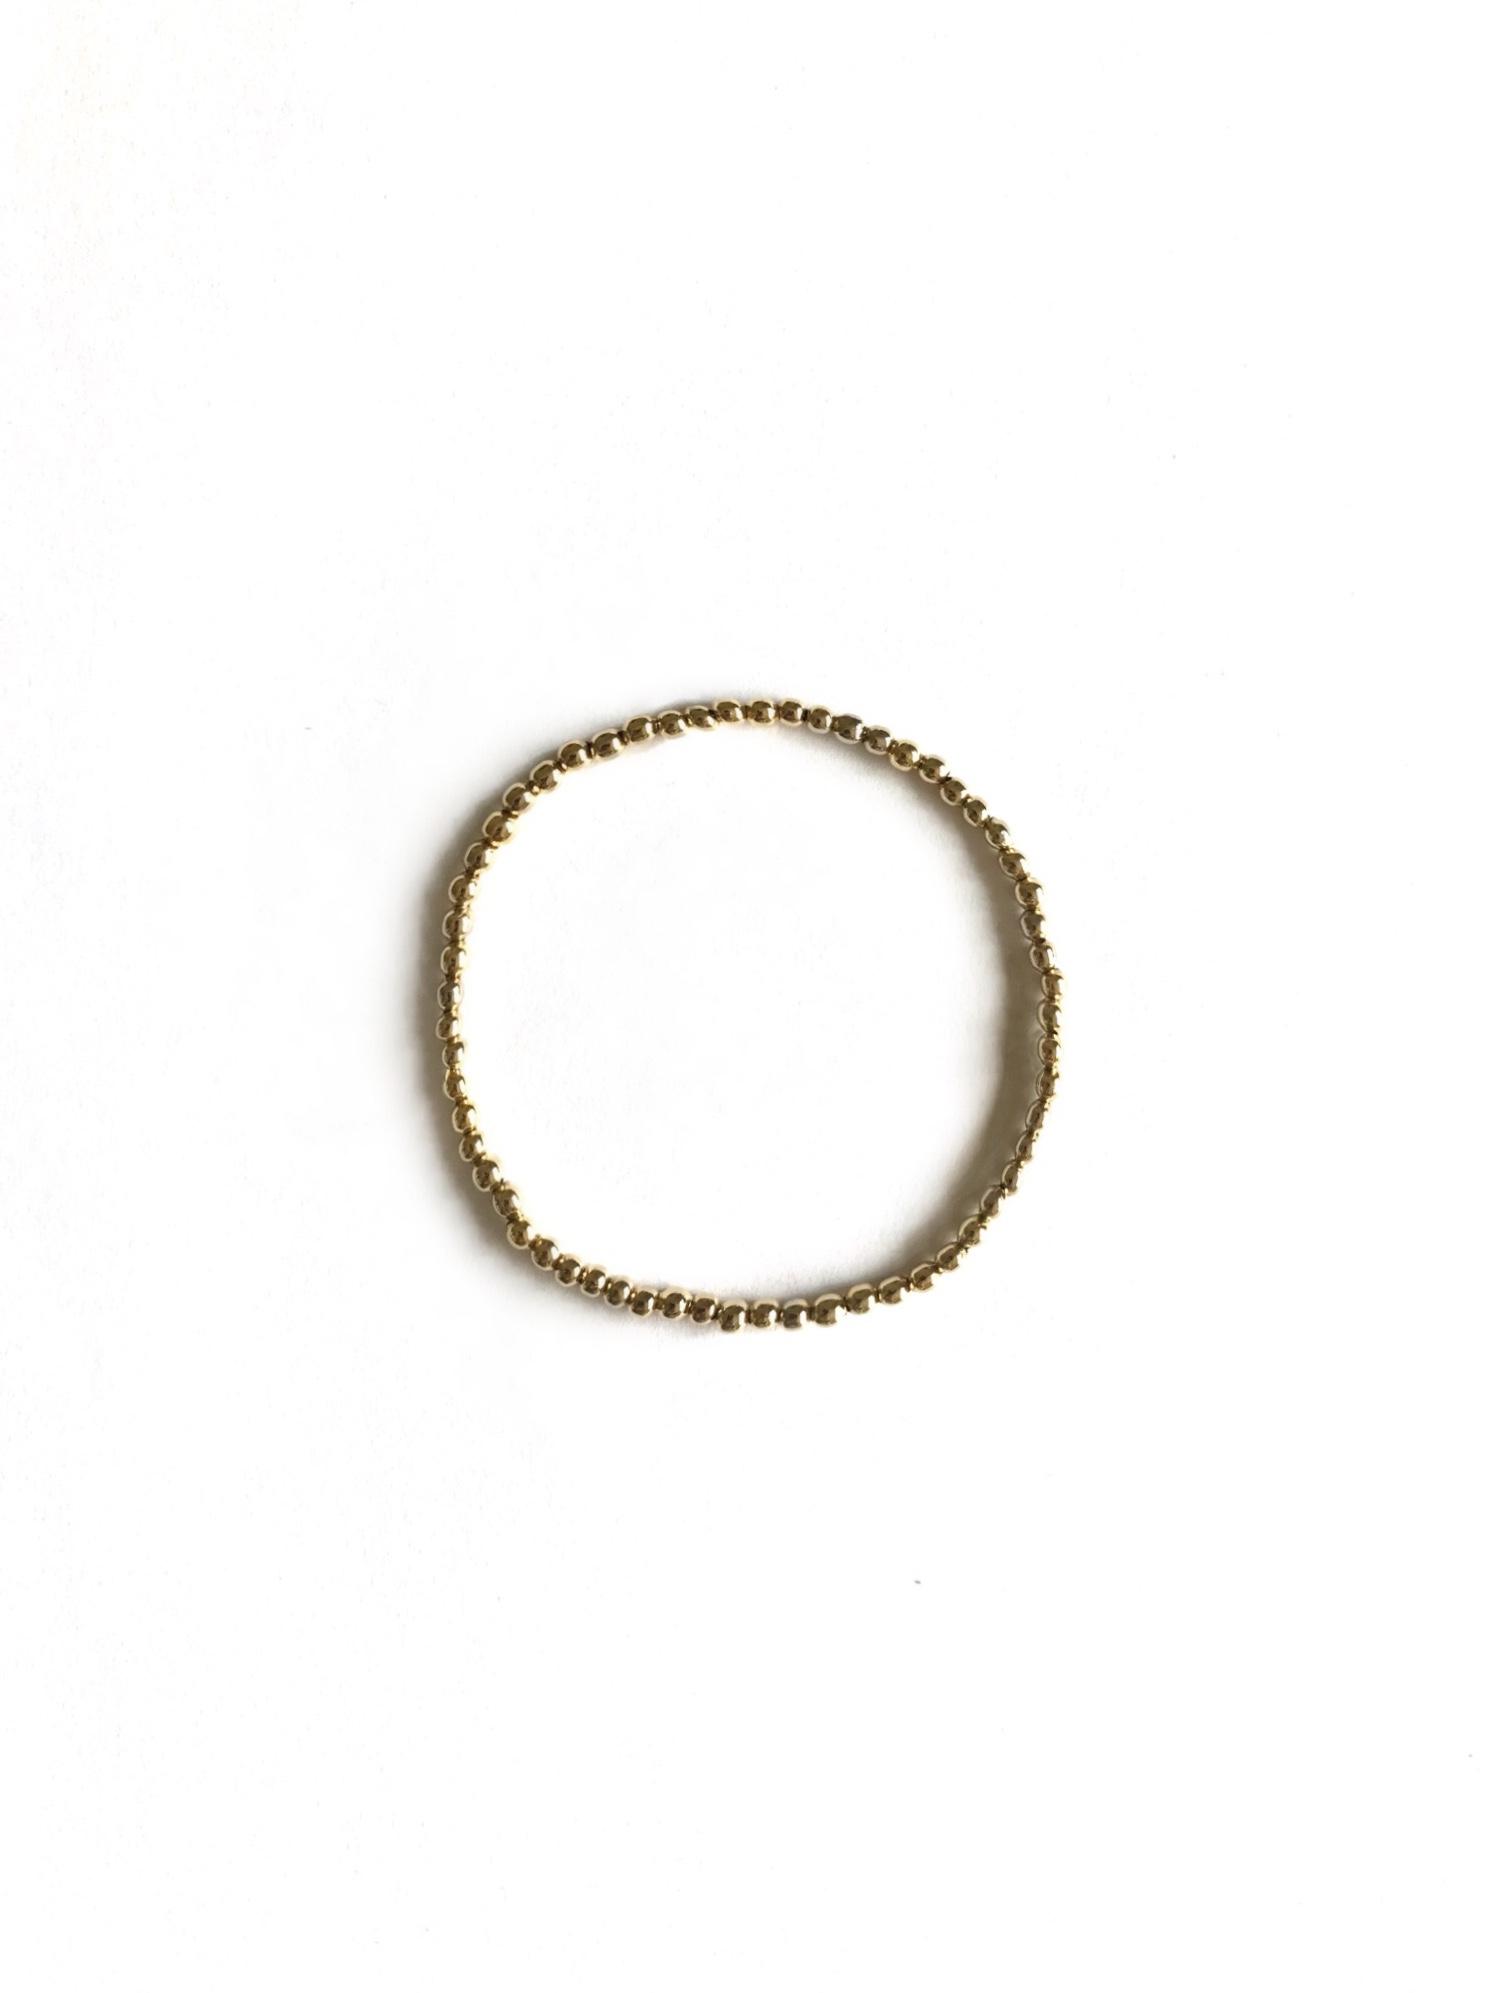 3mm Stacking Bracelet